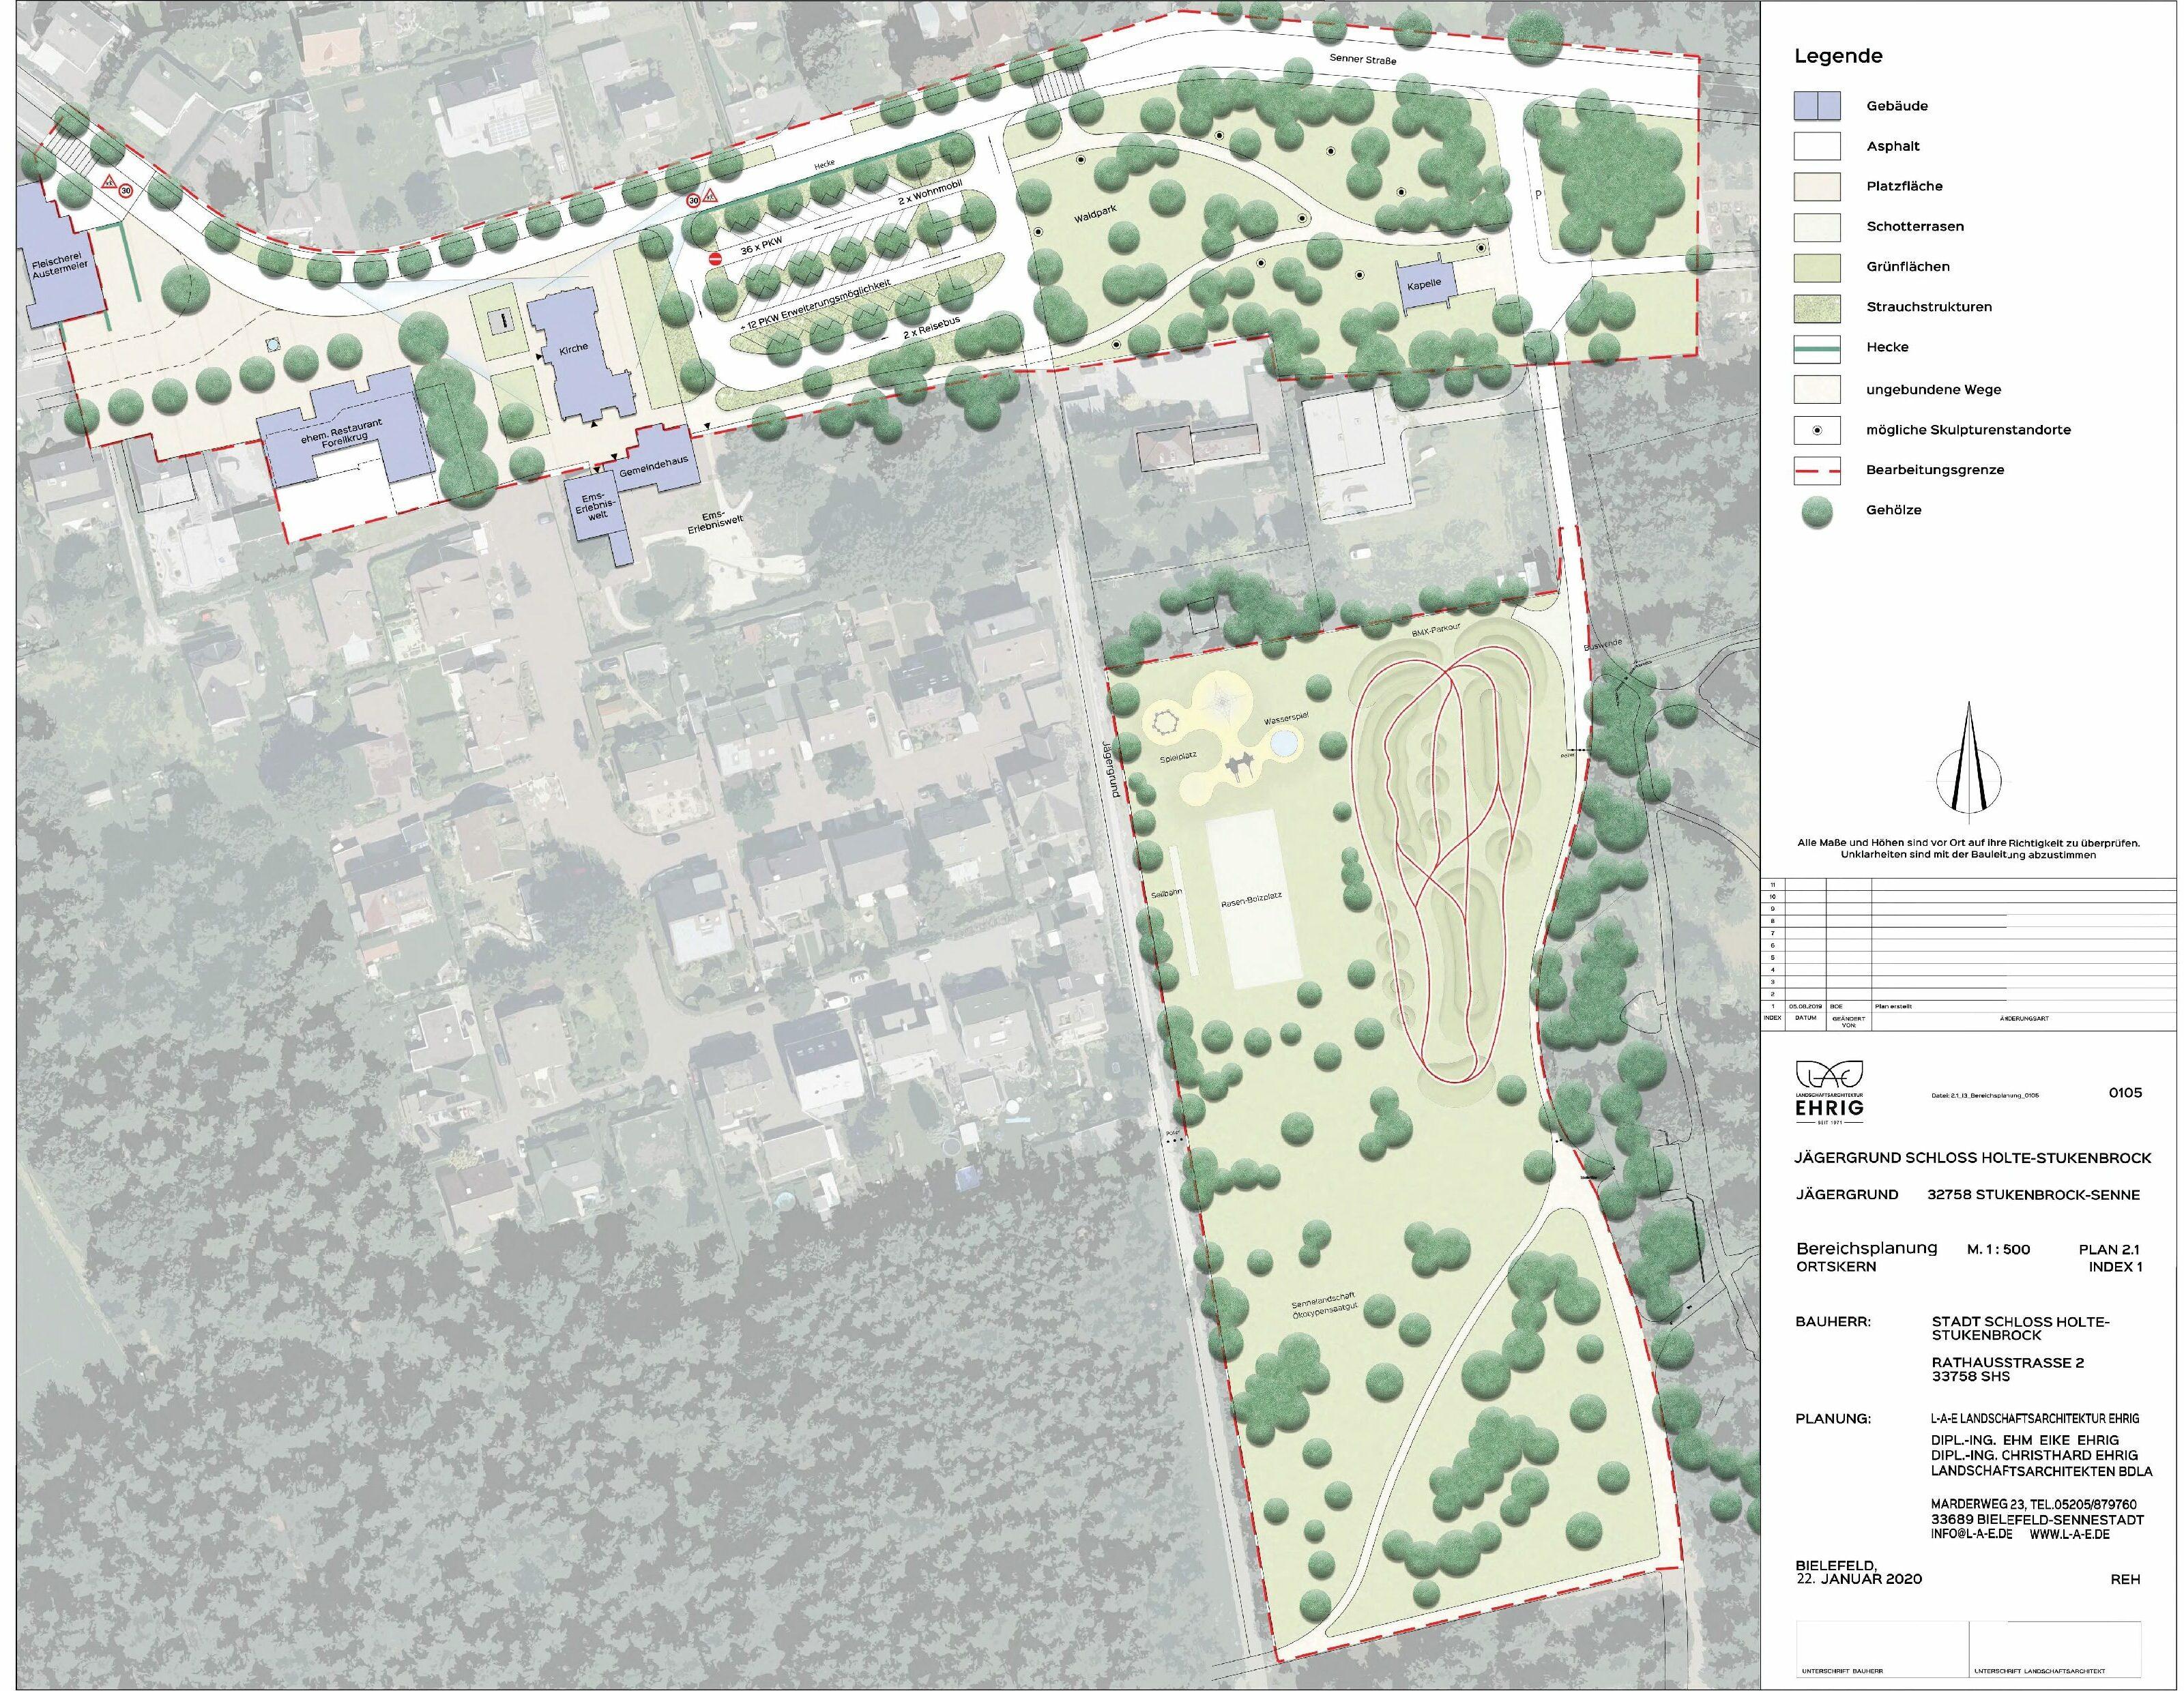 Rahmenplanung Jägergrund